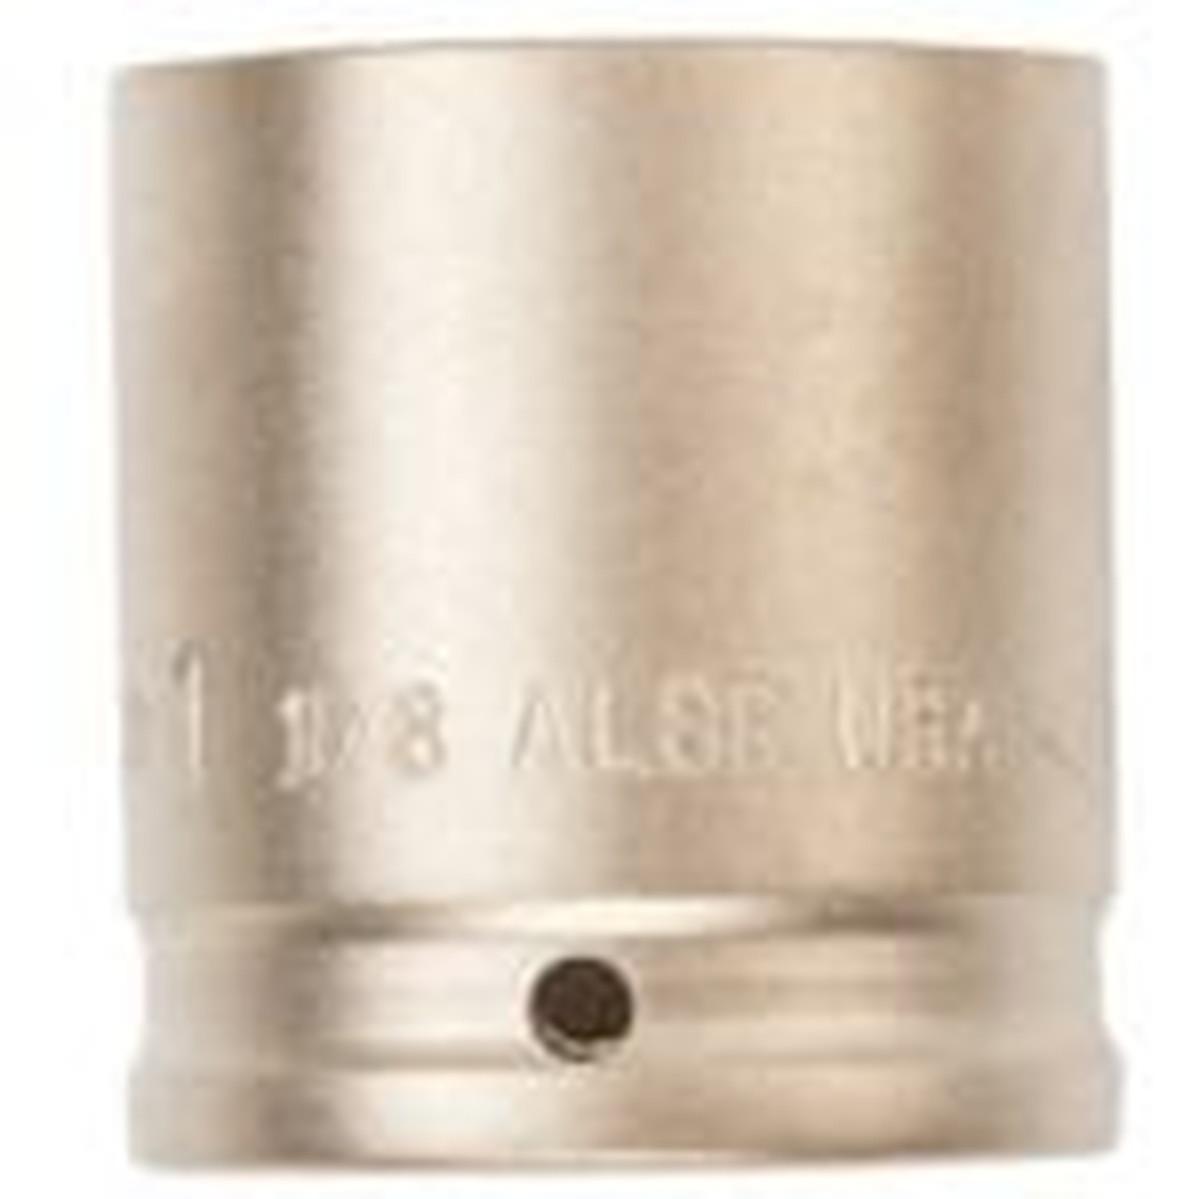 激安挑戦中 あす楽対応 全商品オープニング価格 DIY用品 Ampco 防爆インパクトソケット 1個 対辺22mm 差込み12.7mm